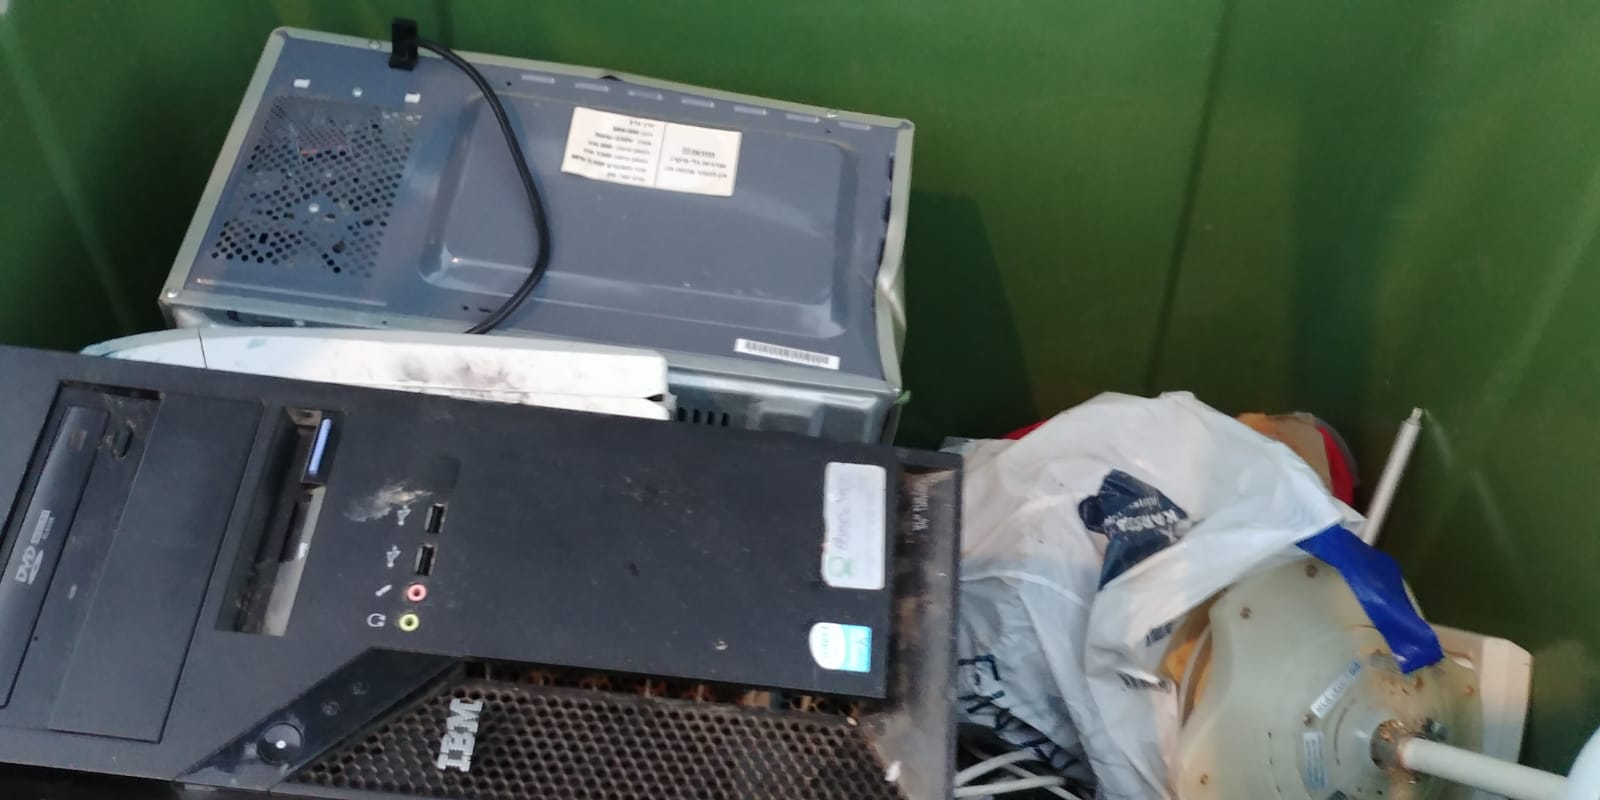 פסולת אלקטרונית בפחי המיחזור בקדימה צורן